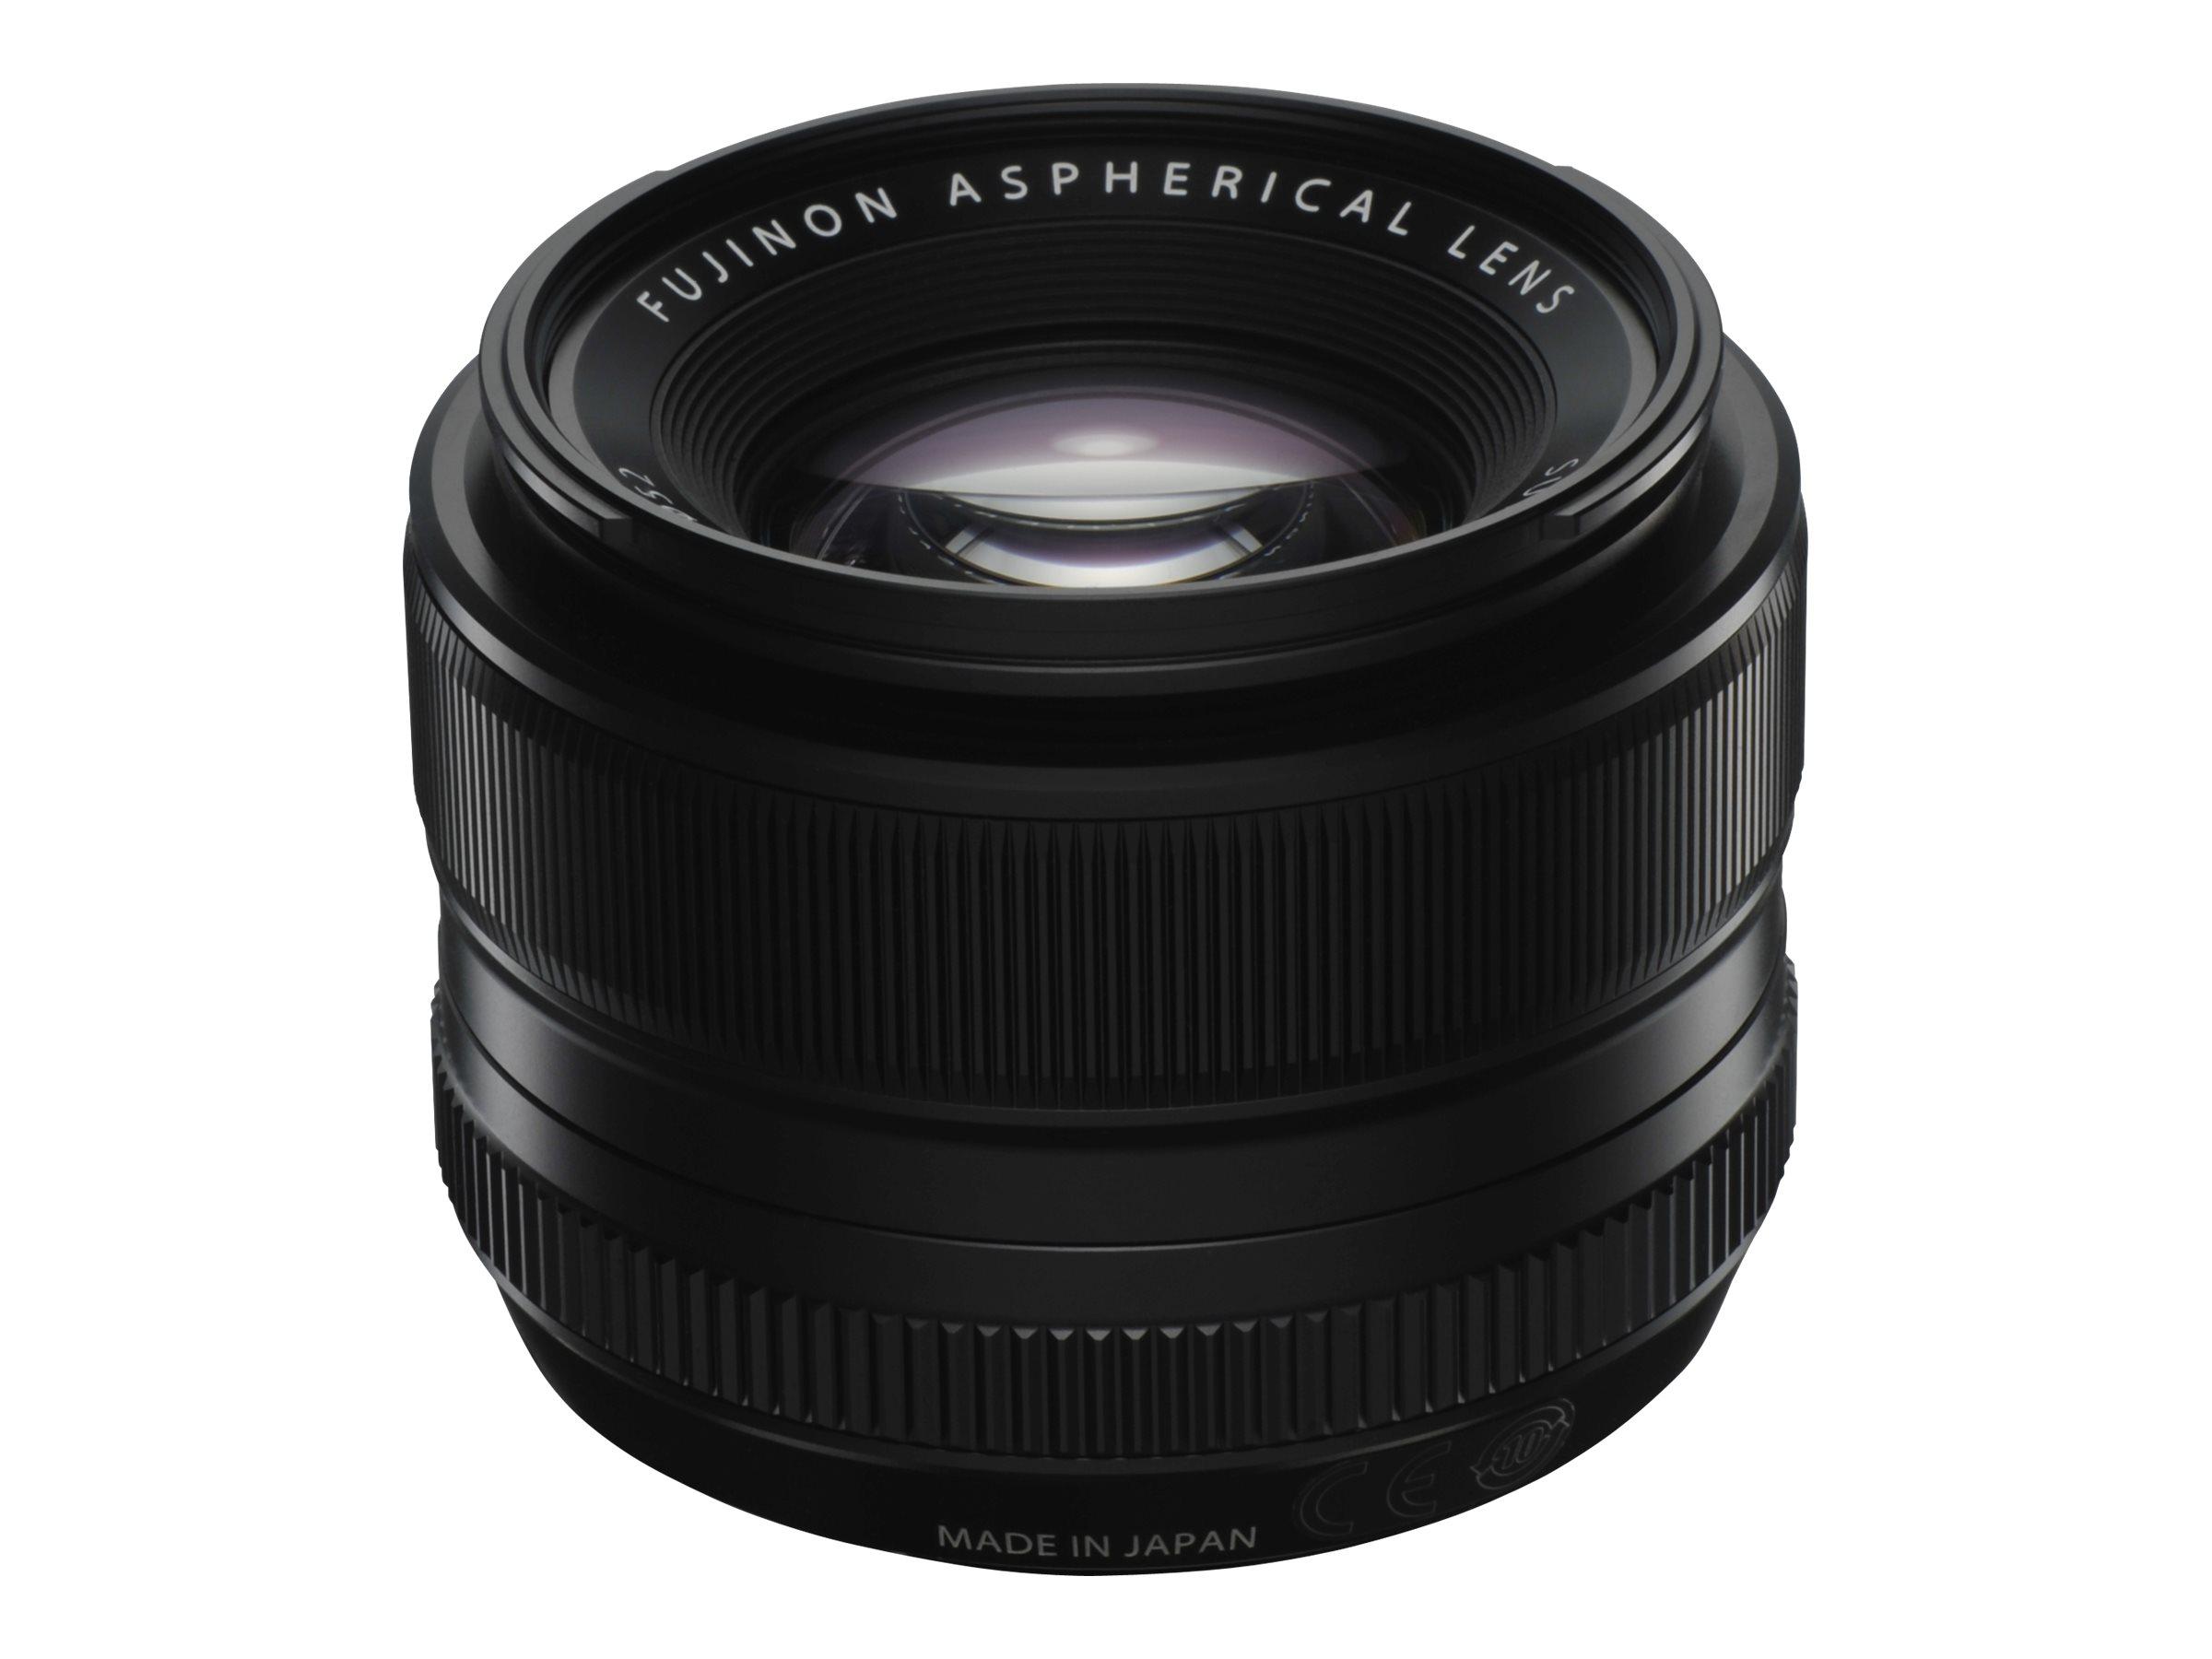 Fujinon XF - Objektiv - 35 mm - f/1.4 R - Fujifilm X Mount - für X Series X-A10, X-A3, X-A5, X-E1, X-E3, X-H1, X-Pro2, X-T10, X-